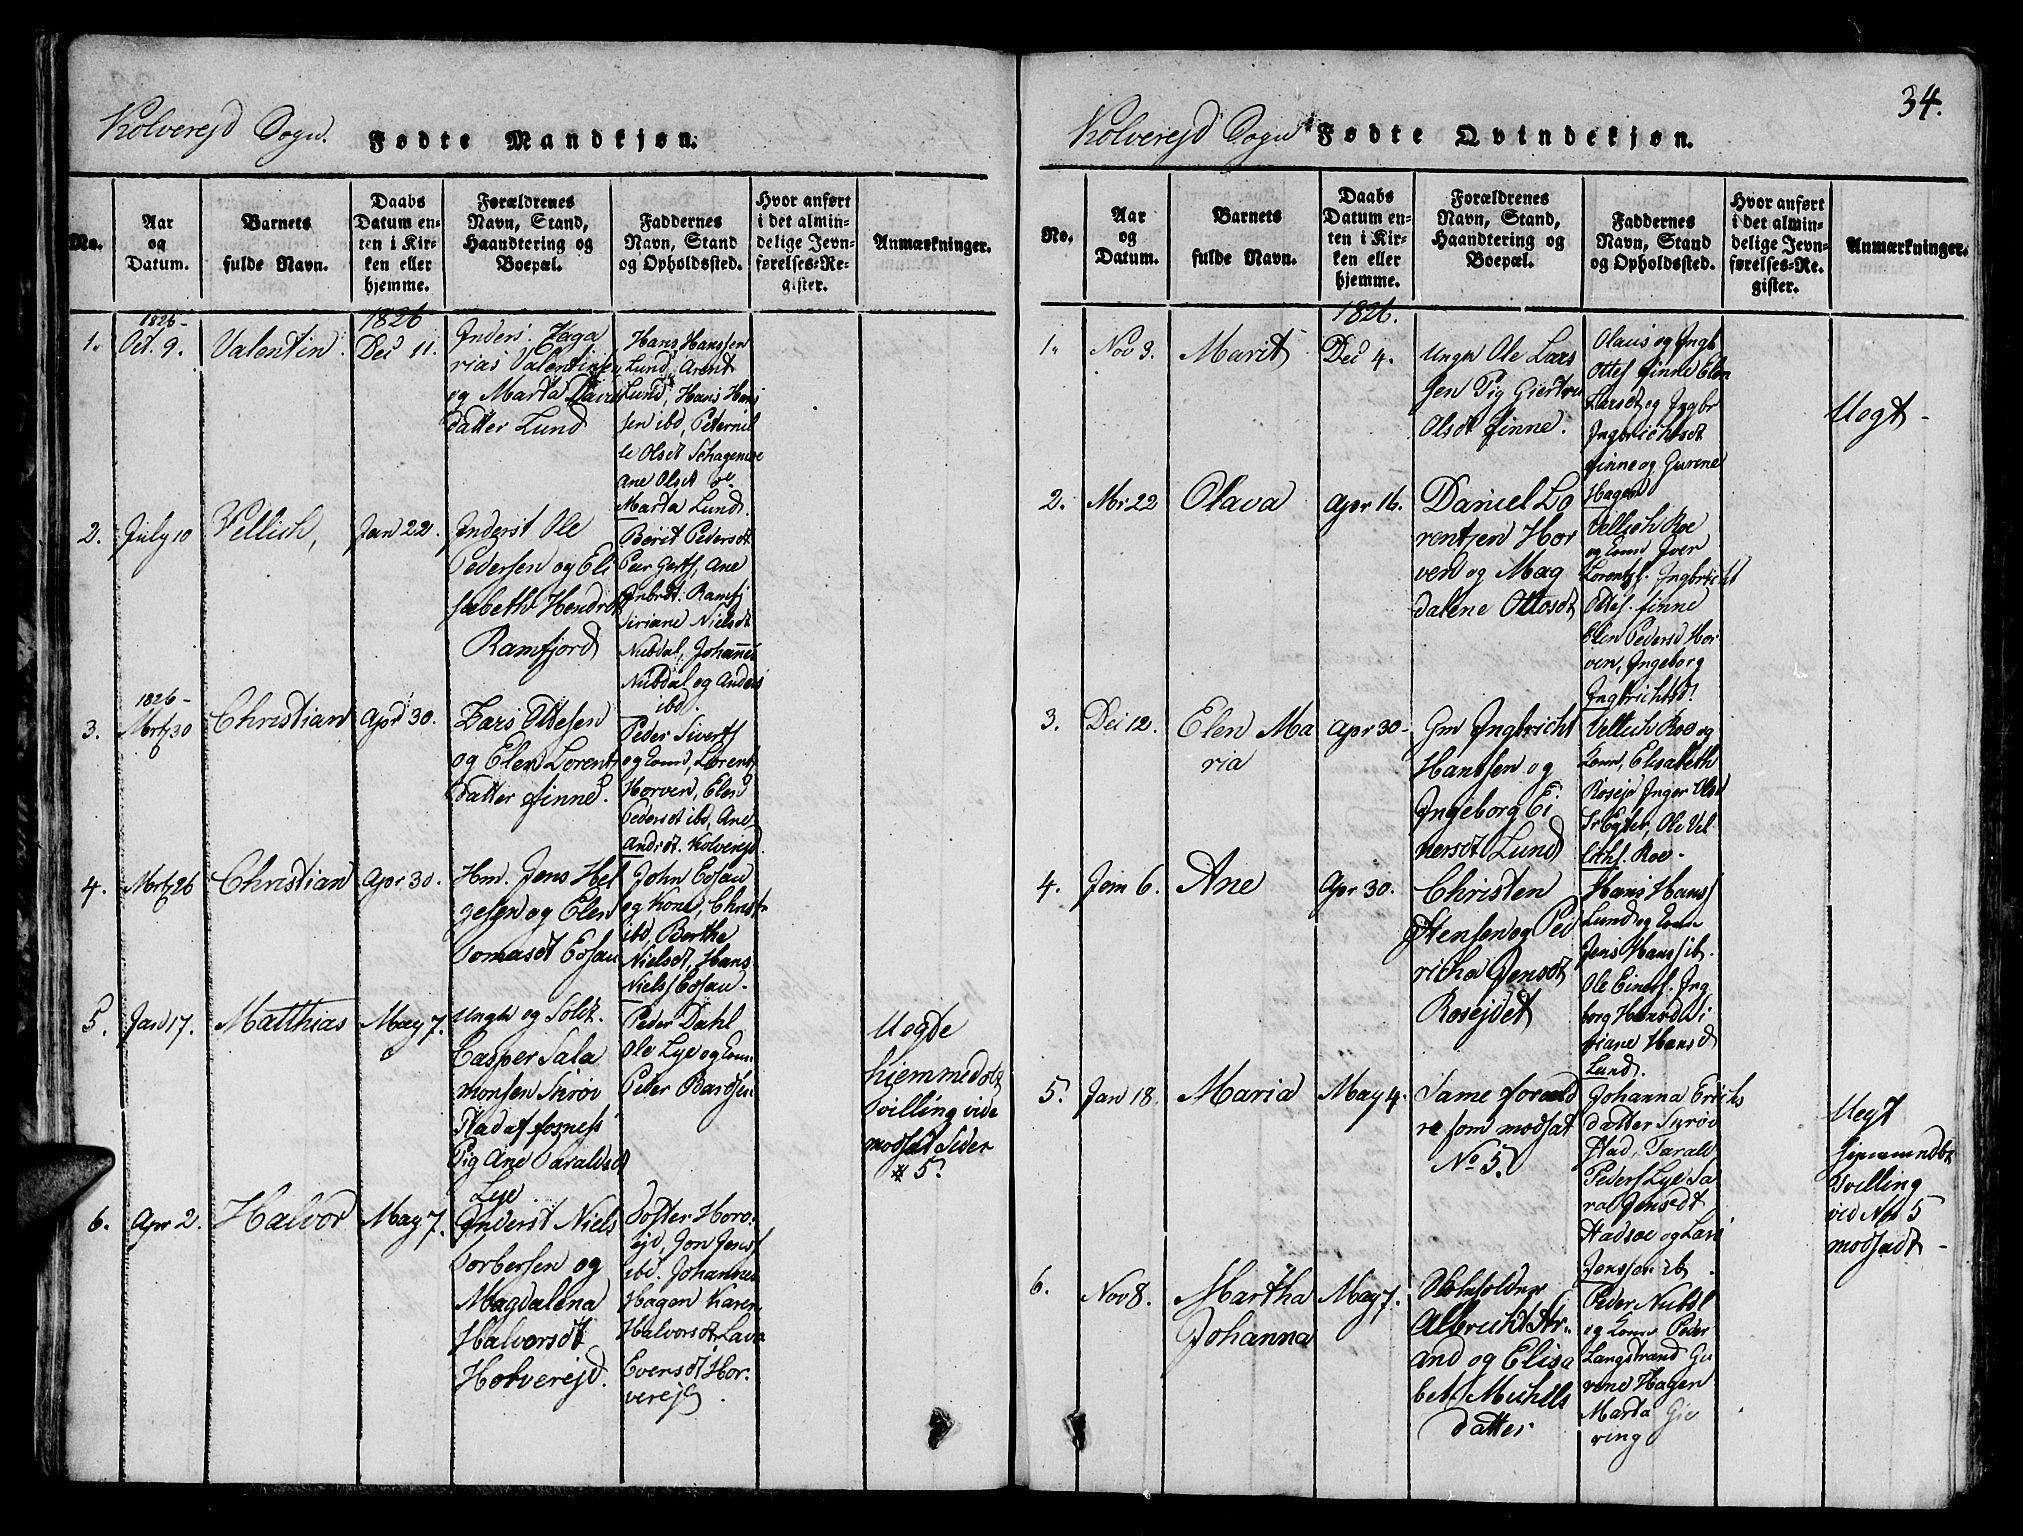 SAT, Ministerialprotokoller, klokkerbøker og fødselsregistre - Nord-Trøndelag, 780/L0648: Klokkerbok nr. 780C01 /1, 1815-1870, s. 34